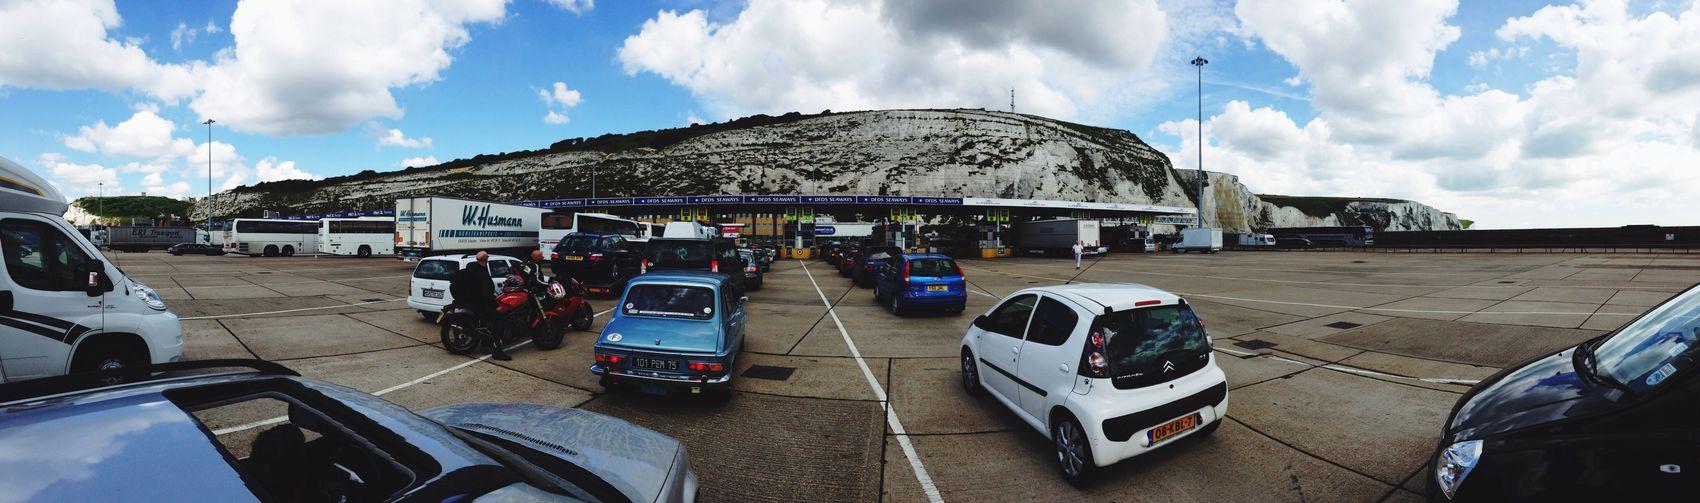 Starting A Trip @ Dover England via Ferry